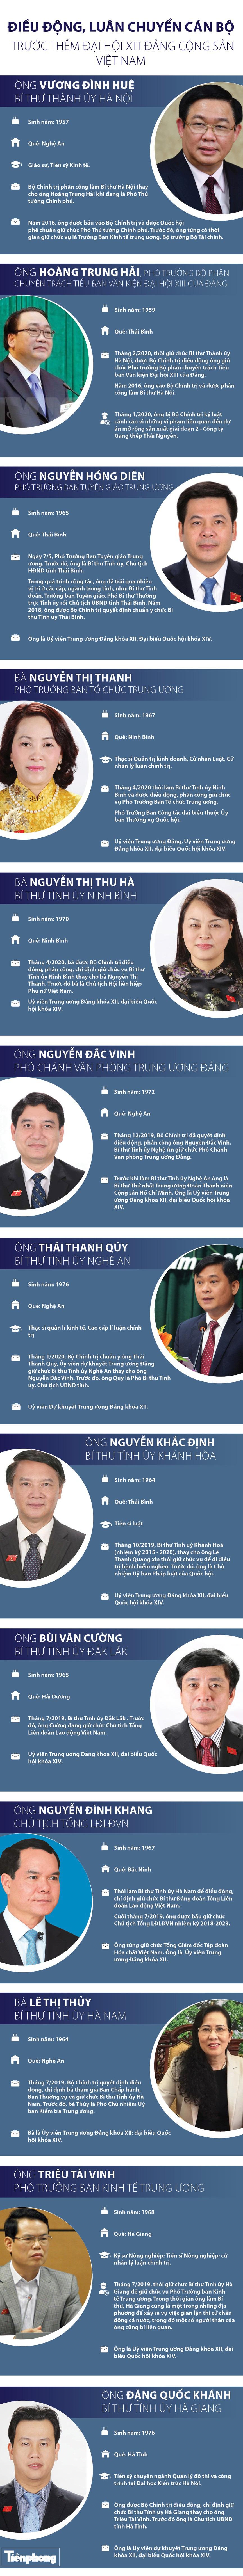 Điều động, luân chuyển cán bộ trước thềm Đại hội XIII Đảng Cộng Sản Việt Nam - Ảnh 1.